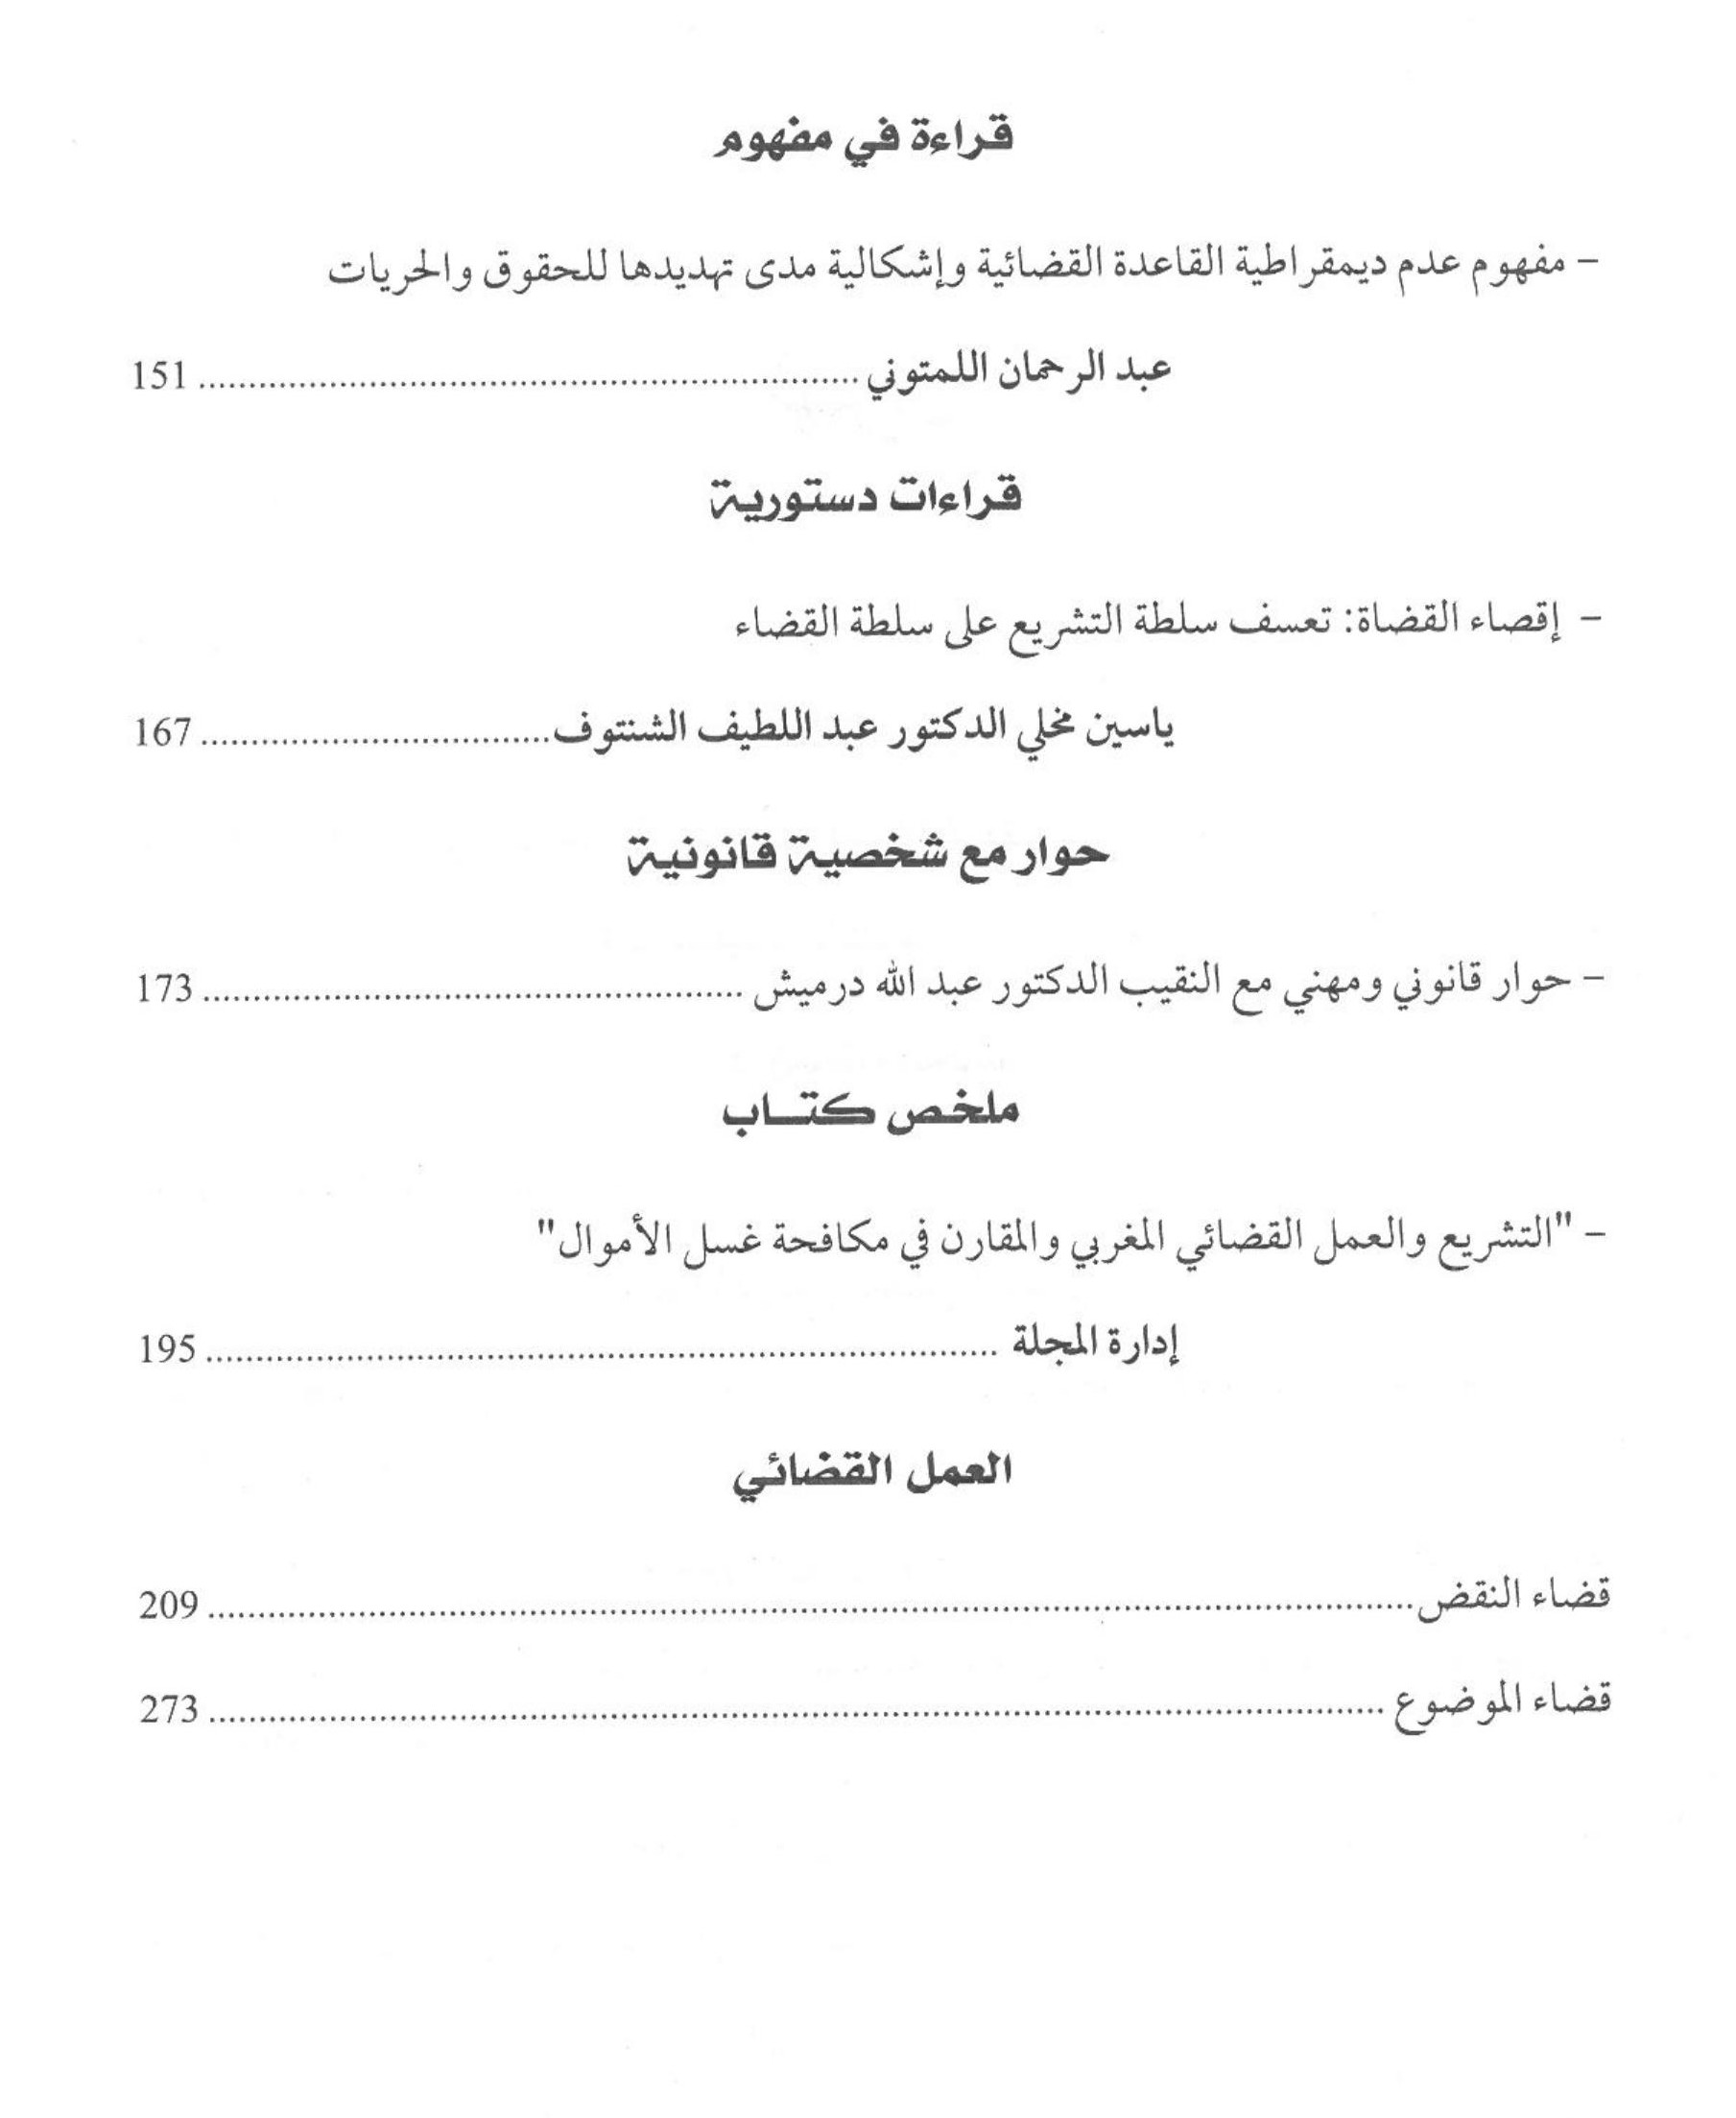 صدور العدد الثاني من مجلة العلوم القانونية والقضائية